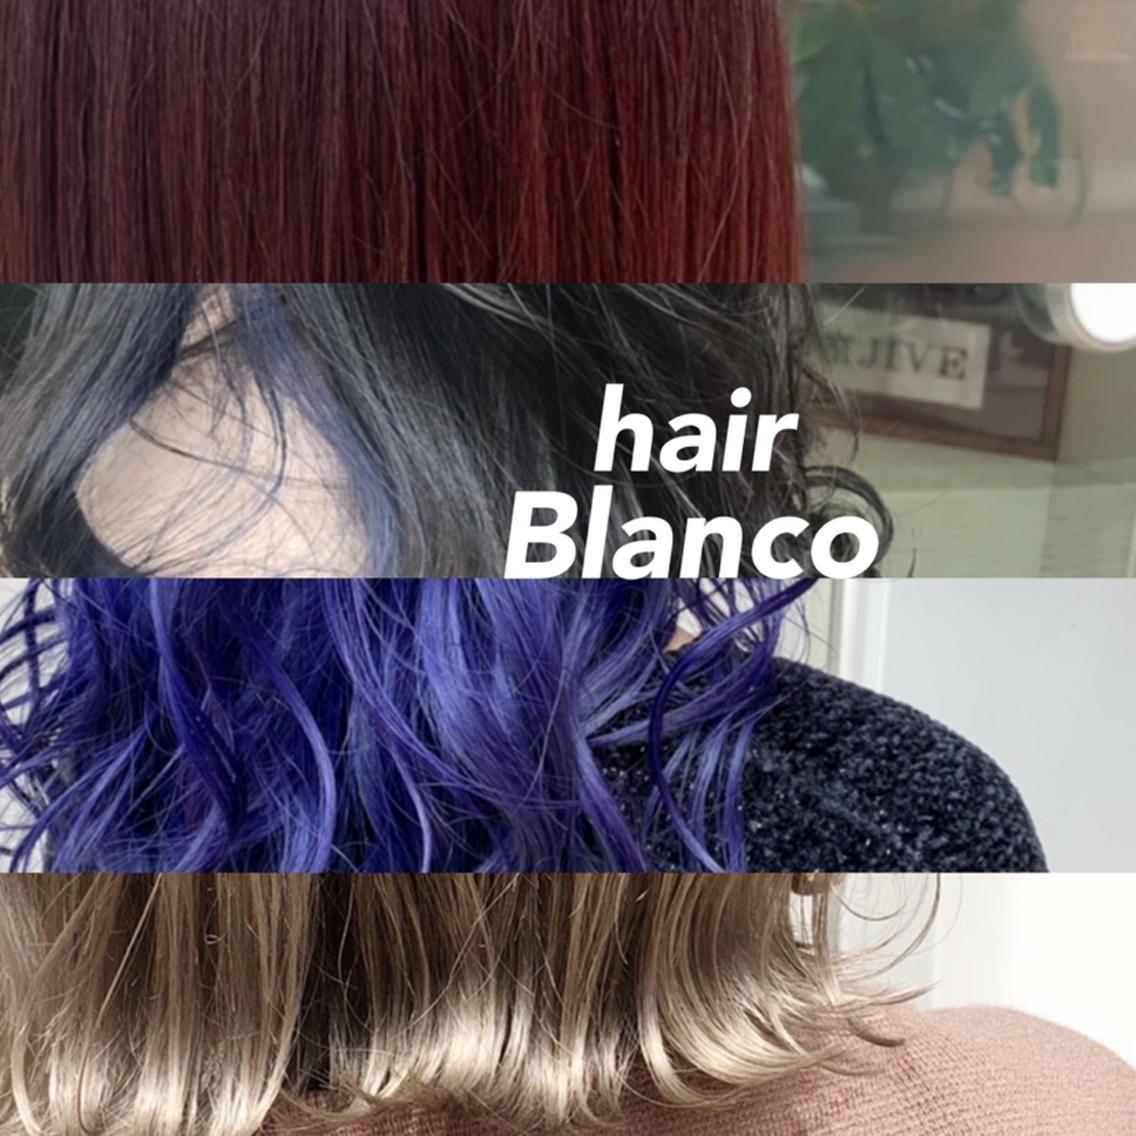 ヘアーブランコ所属・hairBlancoの掲載